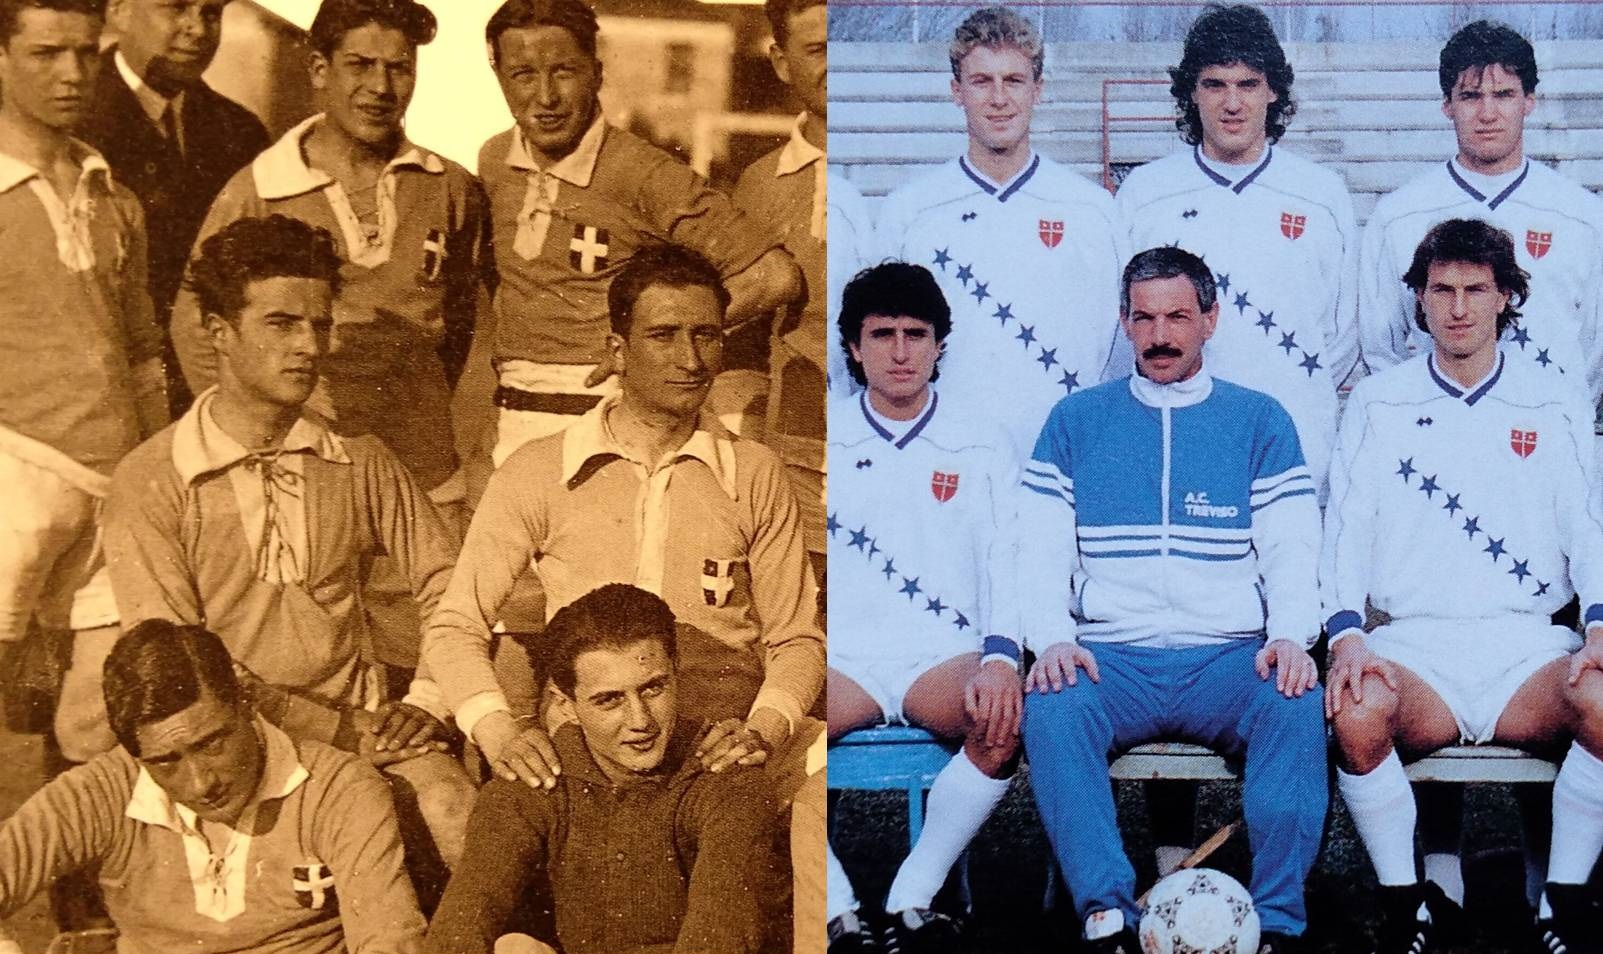 1919-1989: due diverse versioni dello stemma cittadino utilizzato dal Treviso calcio